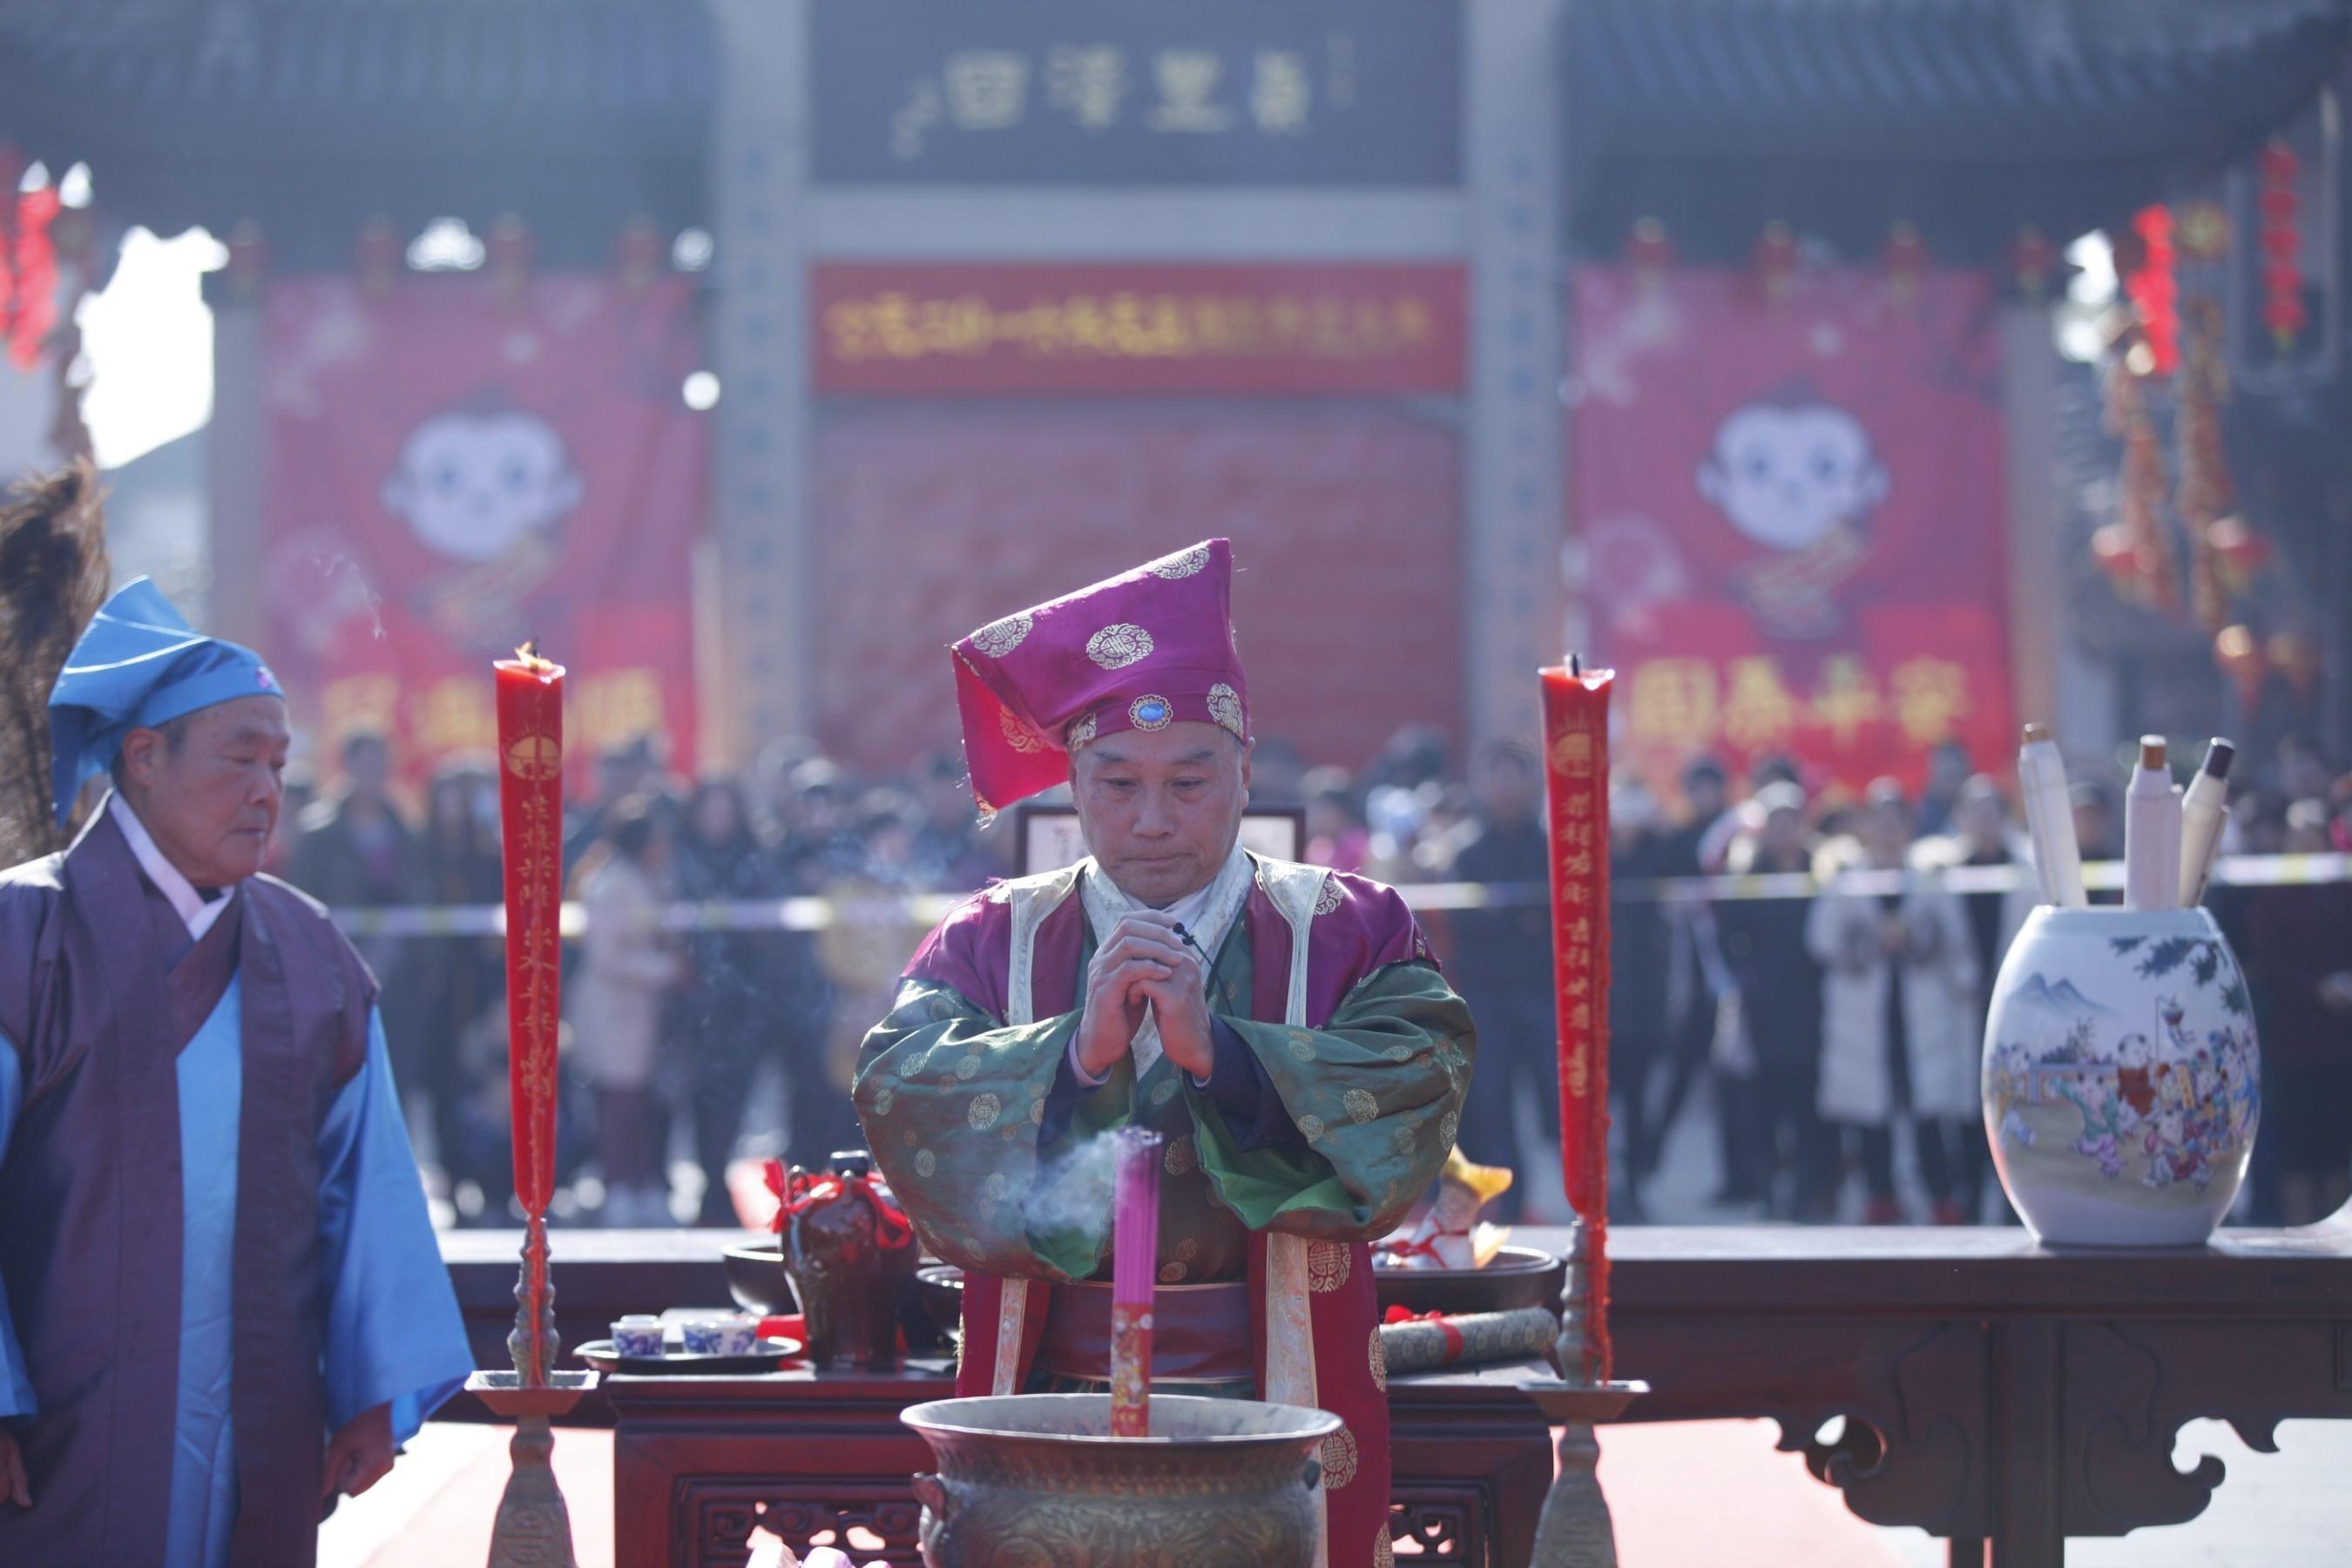 Celebraciones de Año Nuevo en la antigua ciudad del agua china de Zhouzhuang